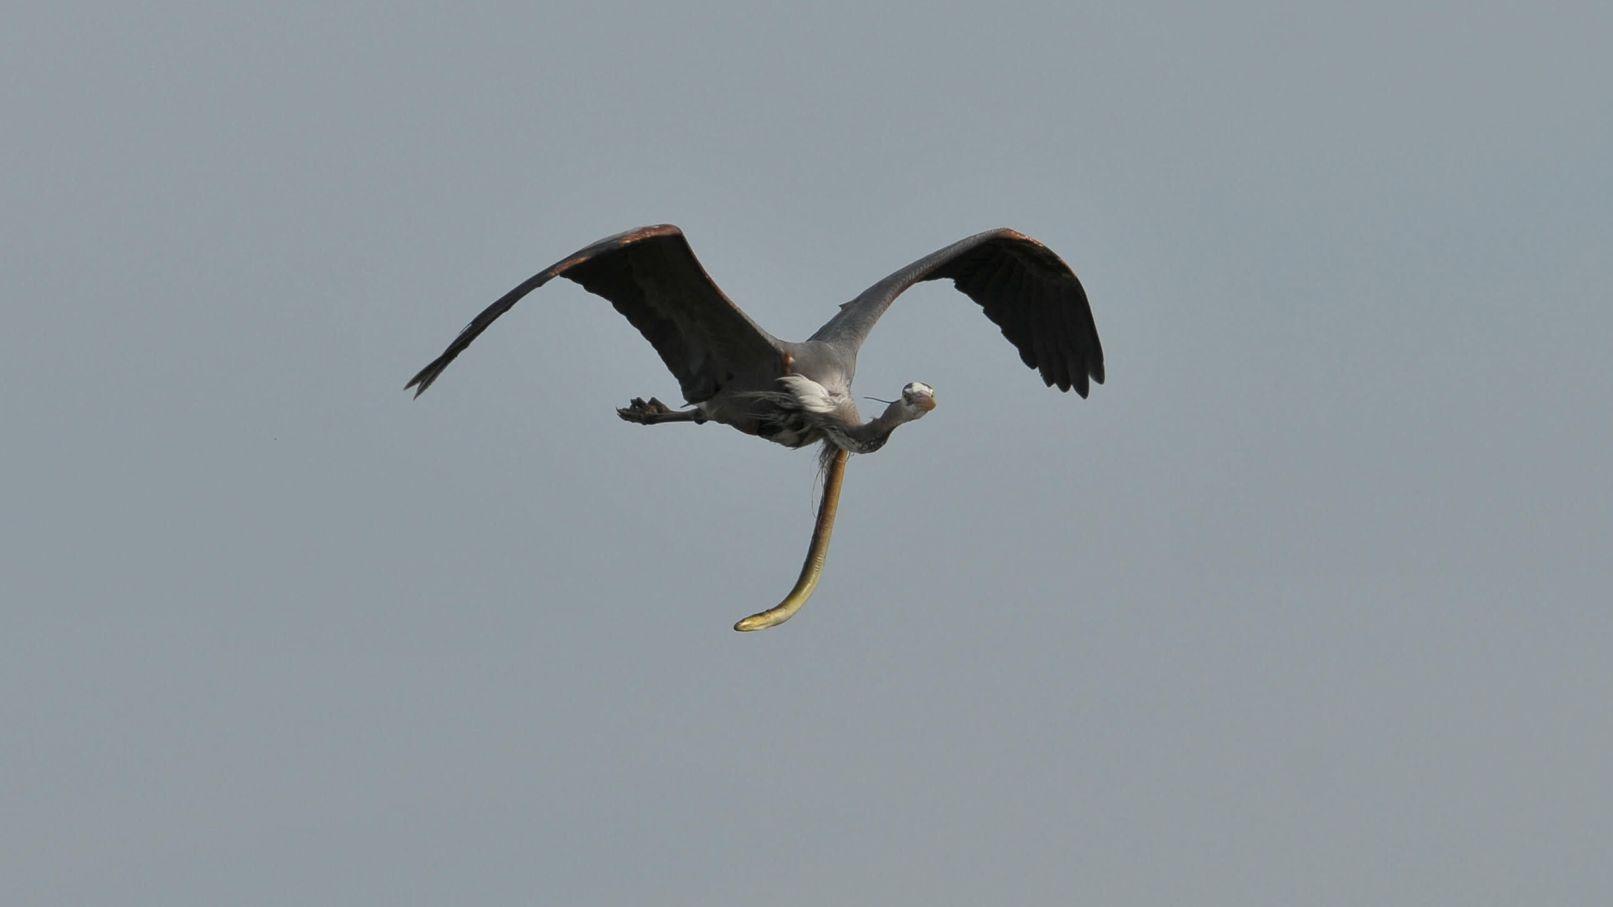 お腹からウナギが飛び出た状態で空を飛ぶ